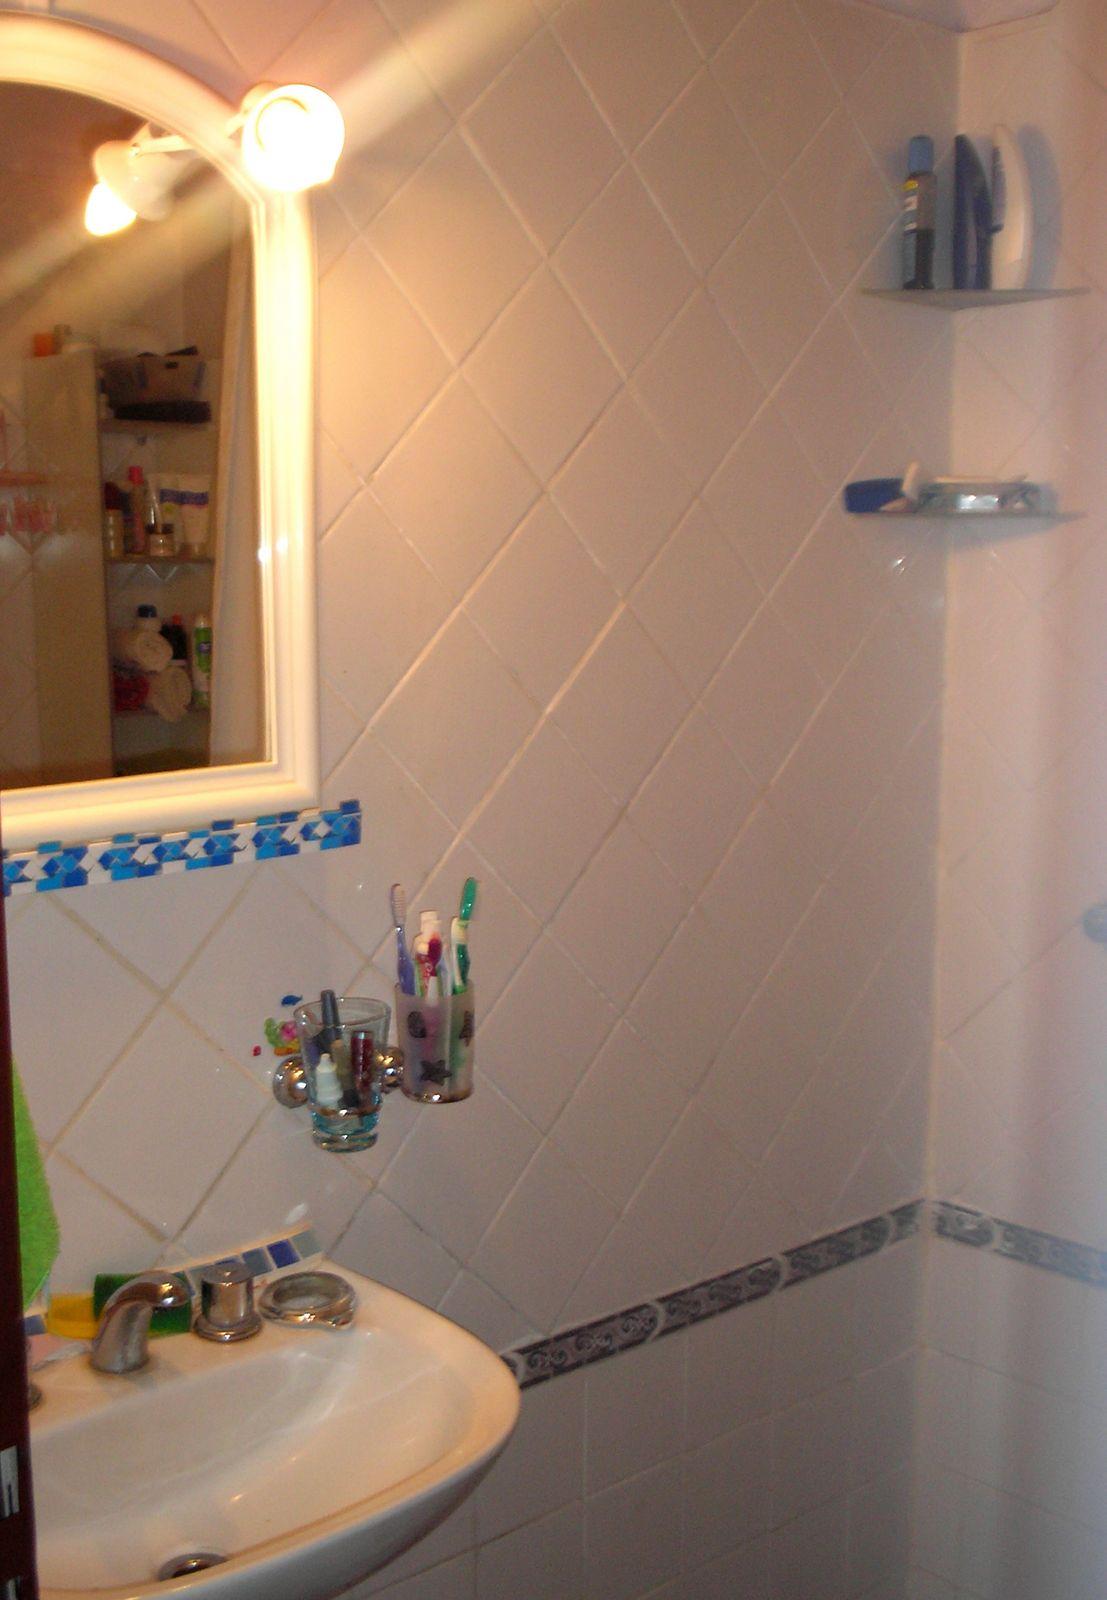 Extractor De Baño Grande:Alquilo casa en Monte Grande Duplex, alquiler monte grande: Baño